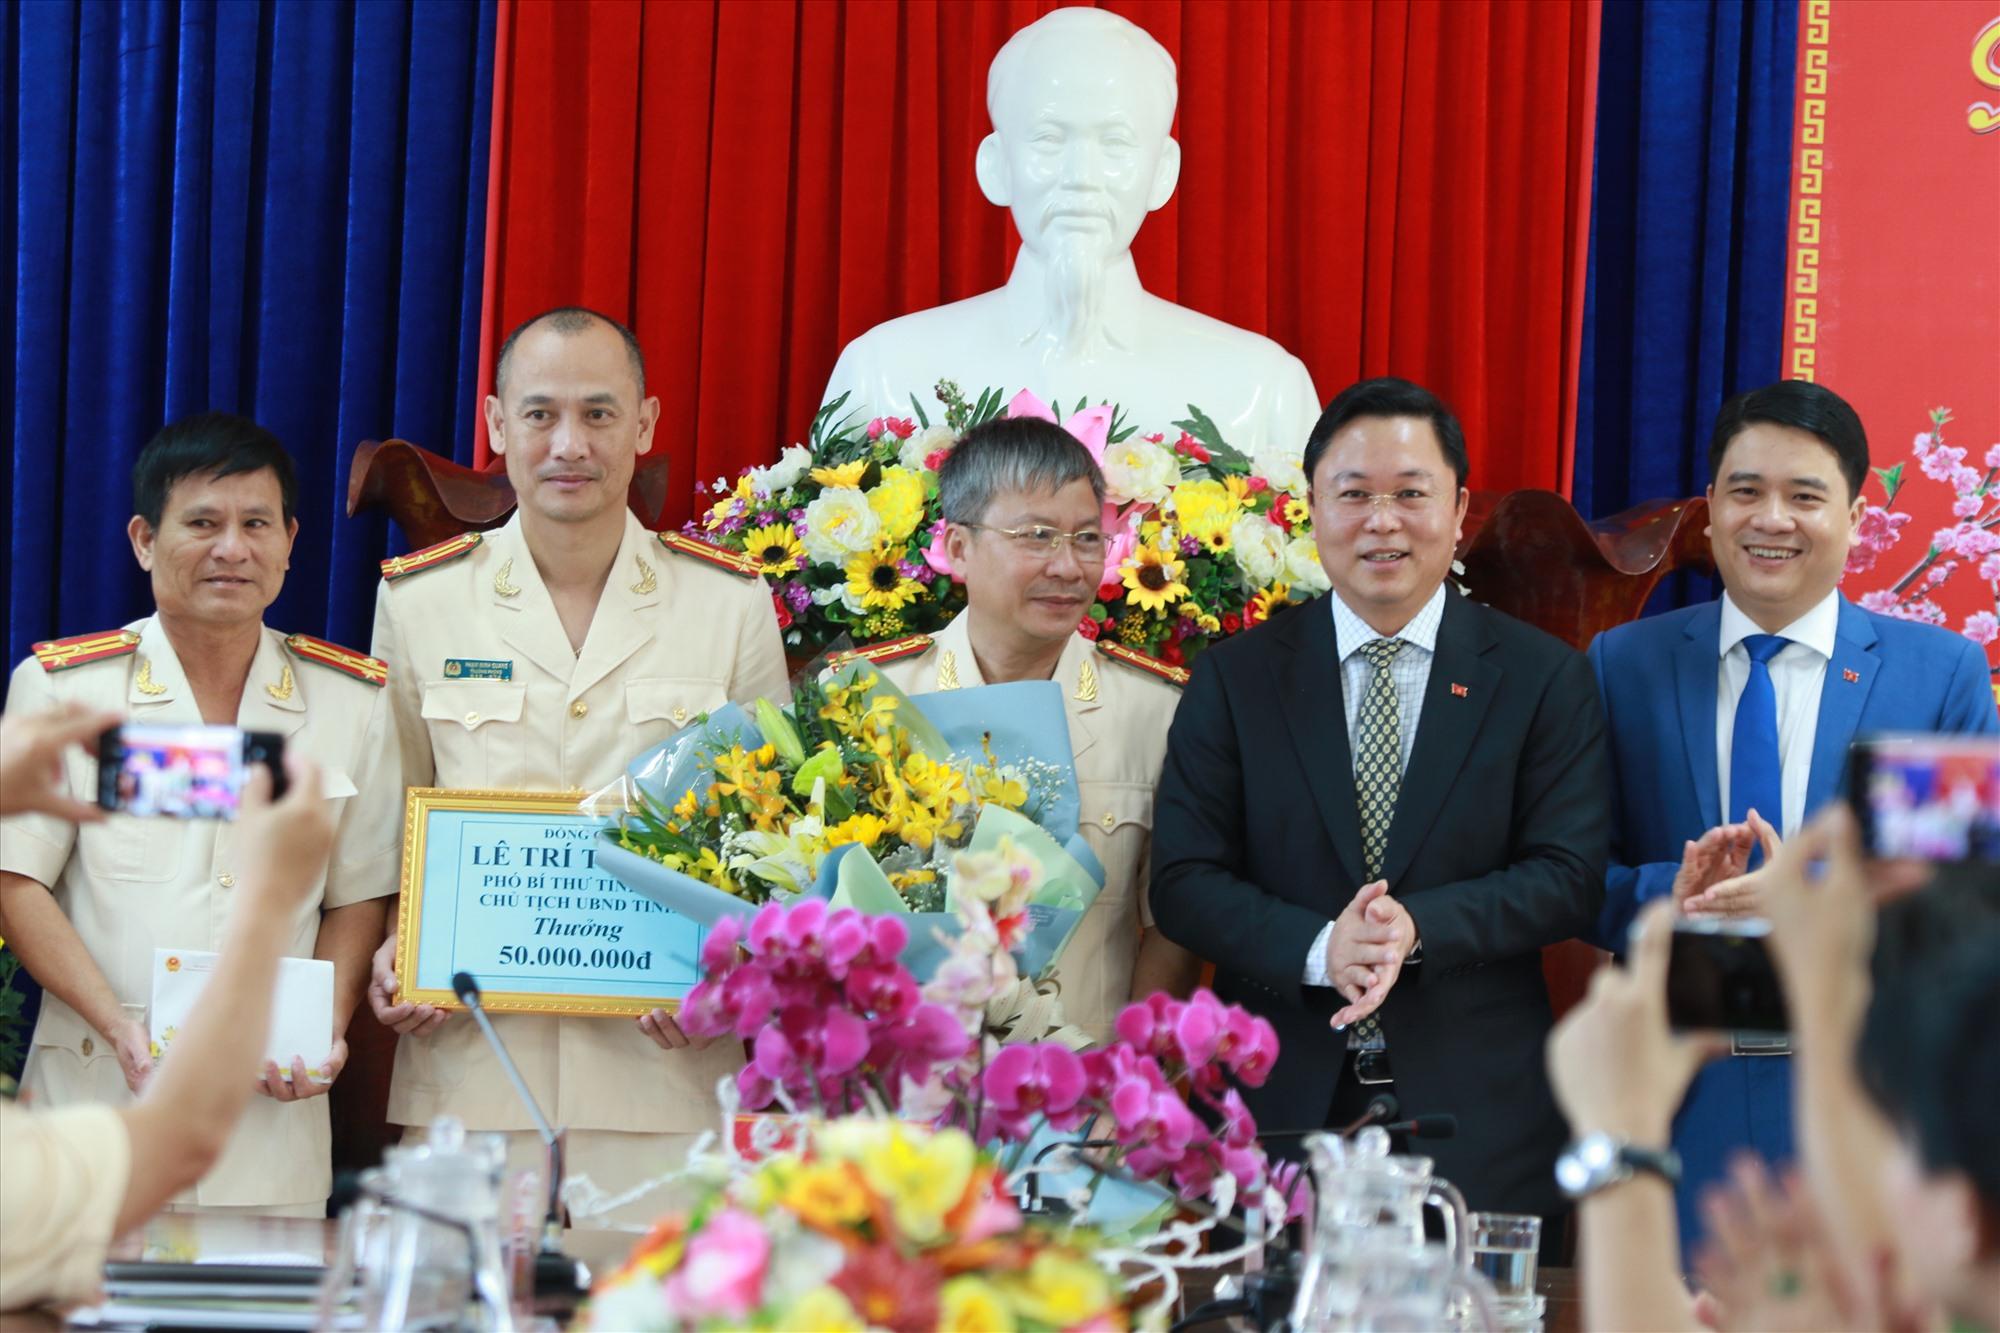 Chủ tịch UBND tỉnh Lê Trí Thanh đến động viên, thưởng nóng ban chuyên án Phòng Cảnh sát hình sự vào sáng mùng 1 Tết Nguyên đán.Ảnh: T.C